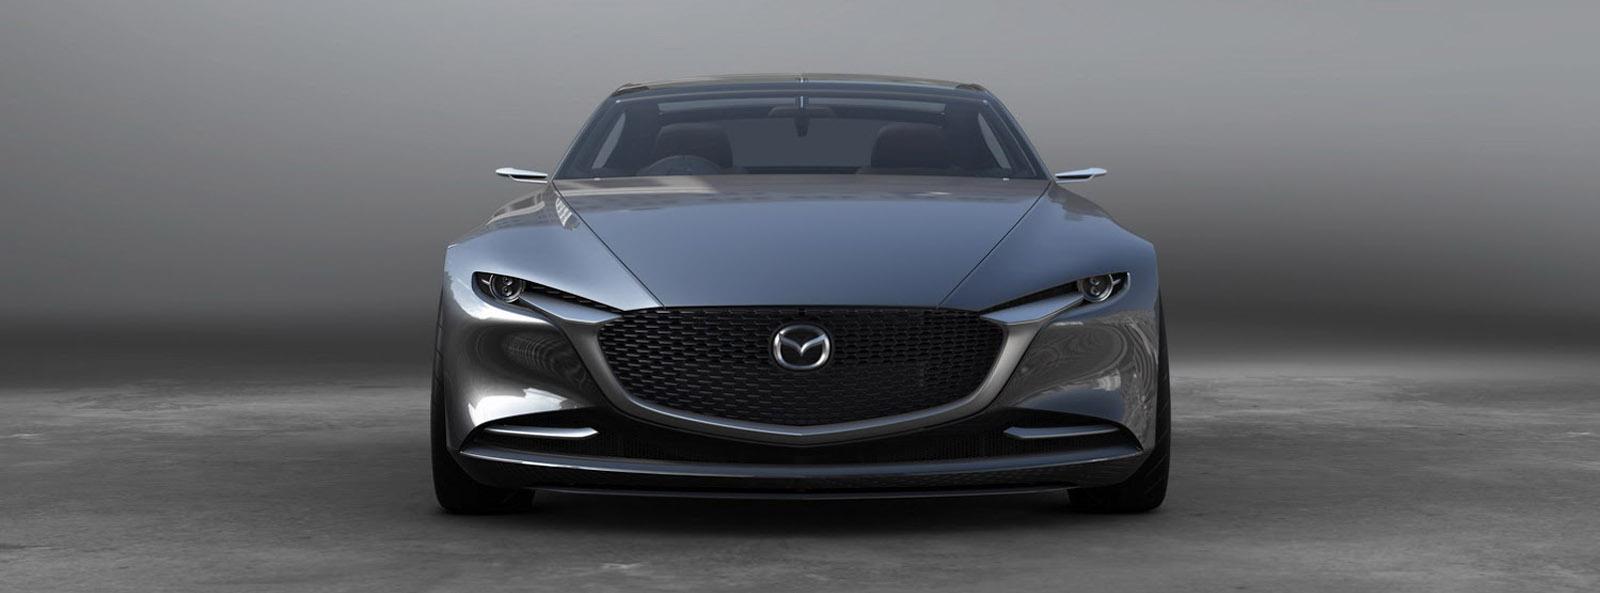 Mazda đang phát triển động cơ xăng và dầu 6 động cơ Skyactiv-X mới - 01